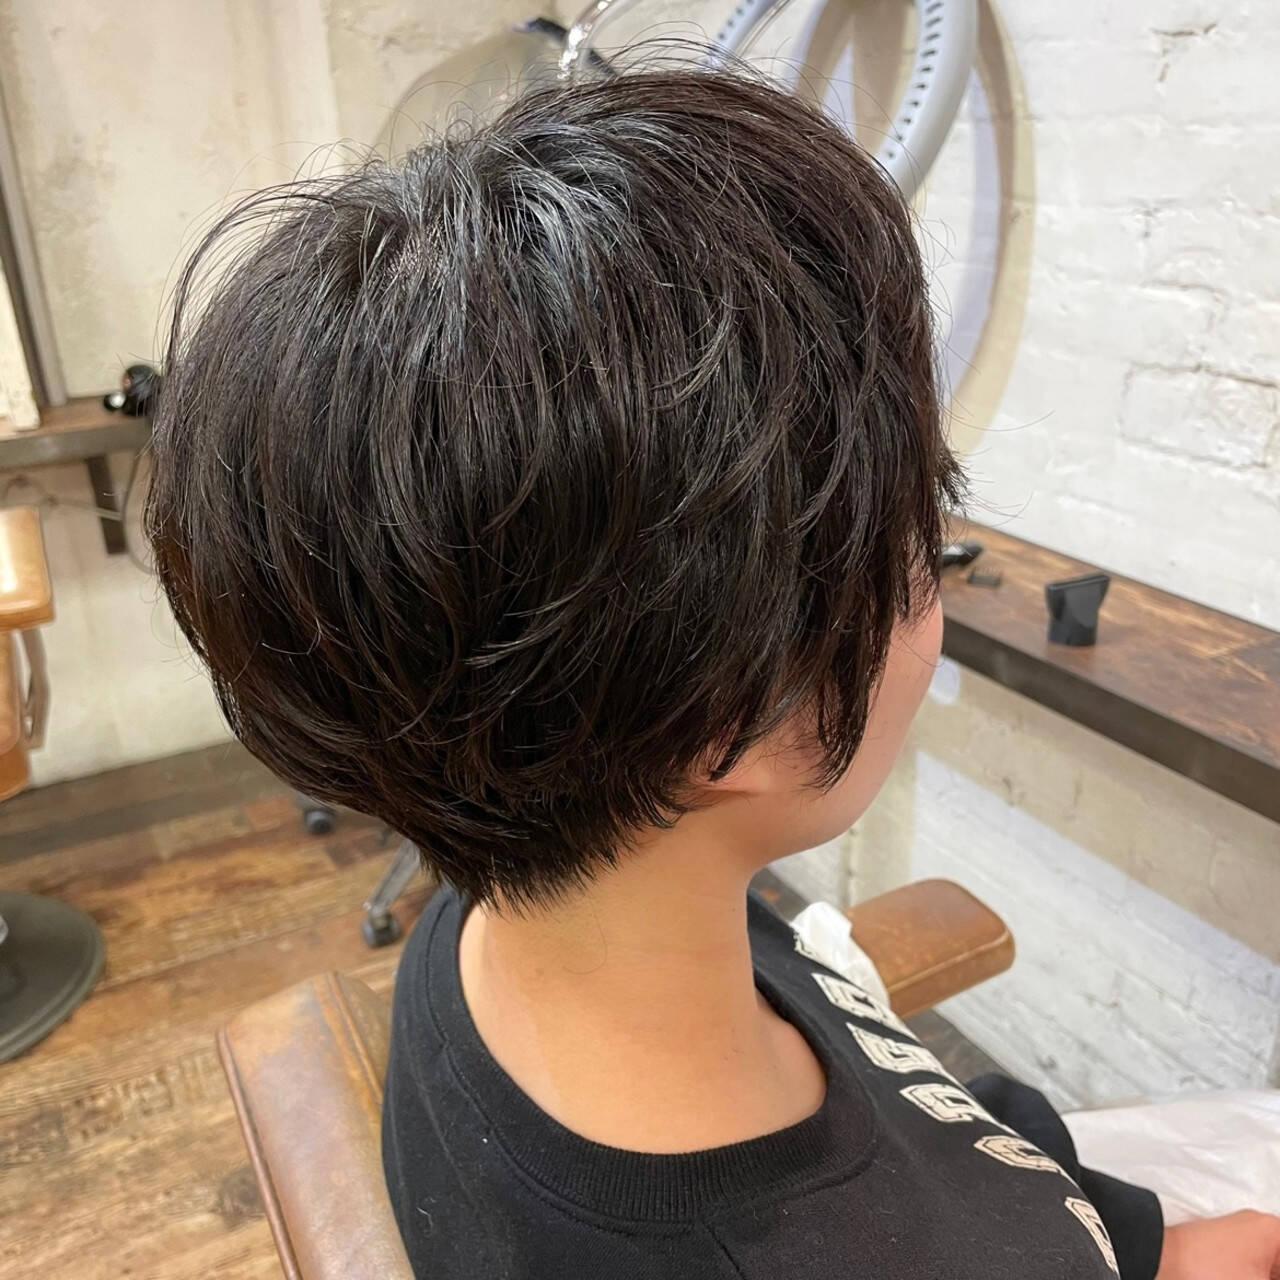 小顔ショート ショートヘア ナチュラル ゆるふわパーマヘアスタイルや髪型の写真・画像